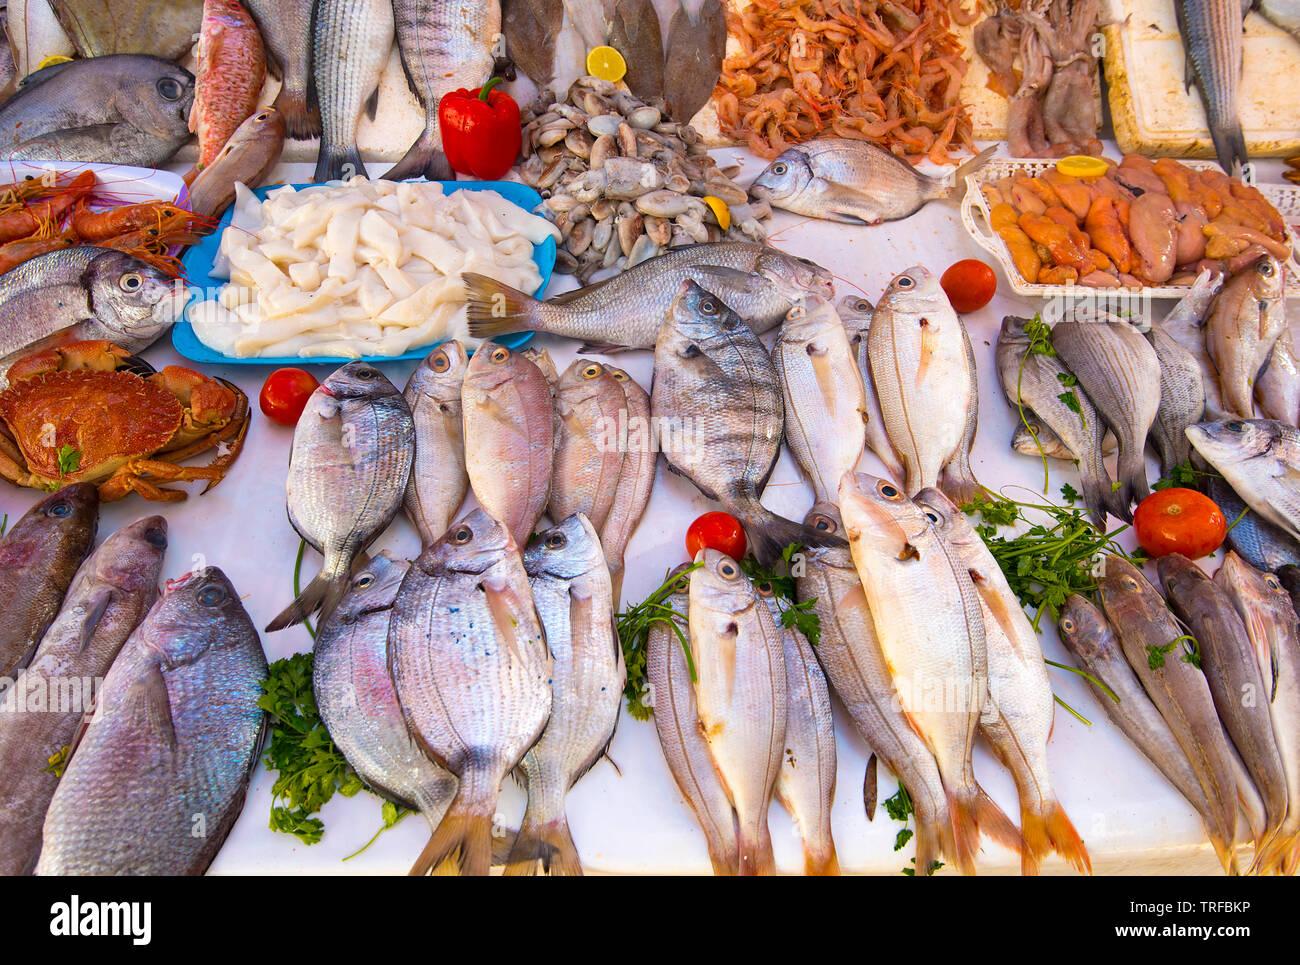 fresh fish, seafood from Atlantic ocean ...